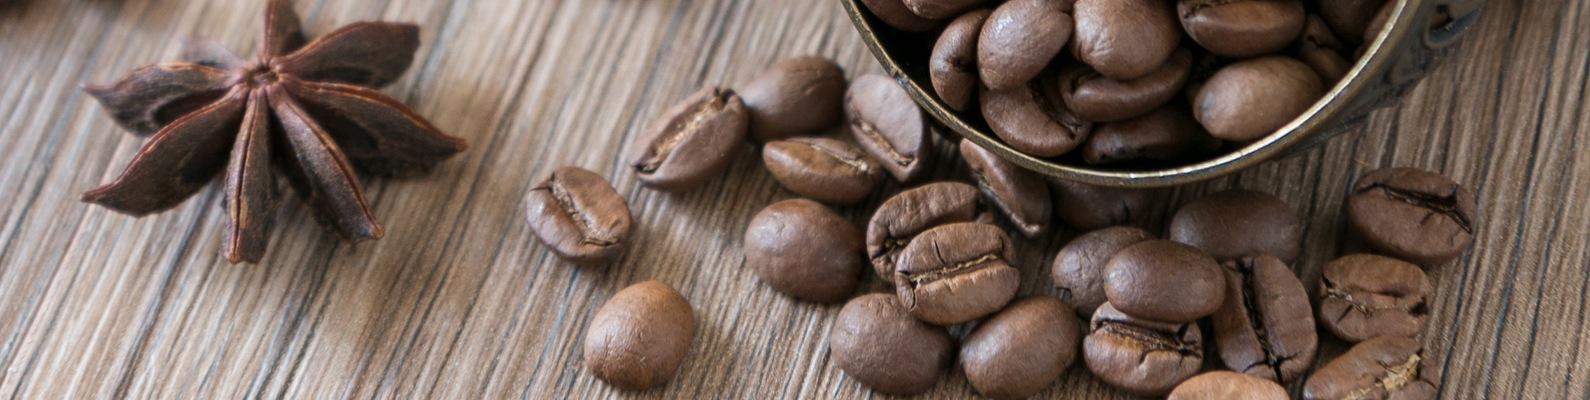 Кофе лавацца цена в польше